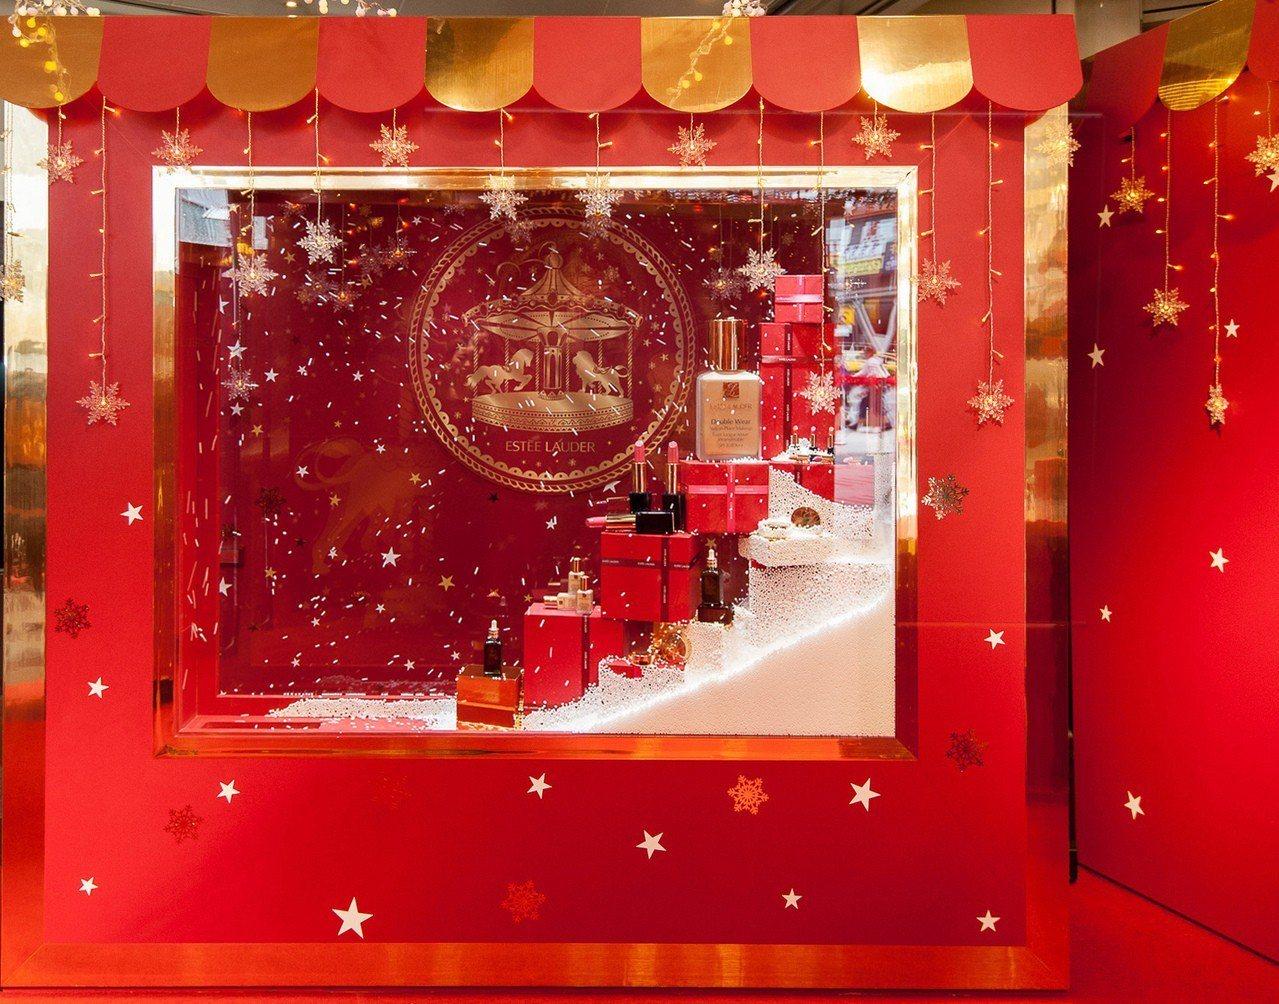 雅詩蘭黛2018幸福耶誕樂園快閃店櫥窗設計。圖/雅詩蘭黛提供